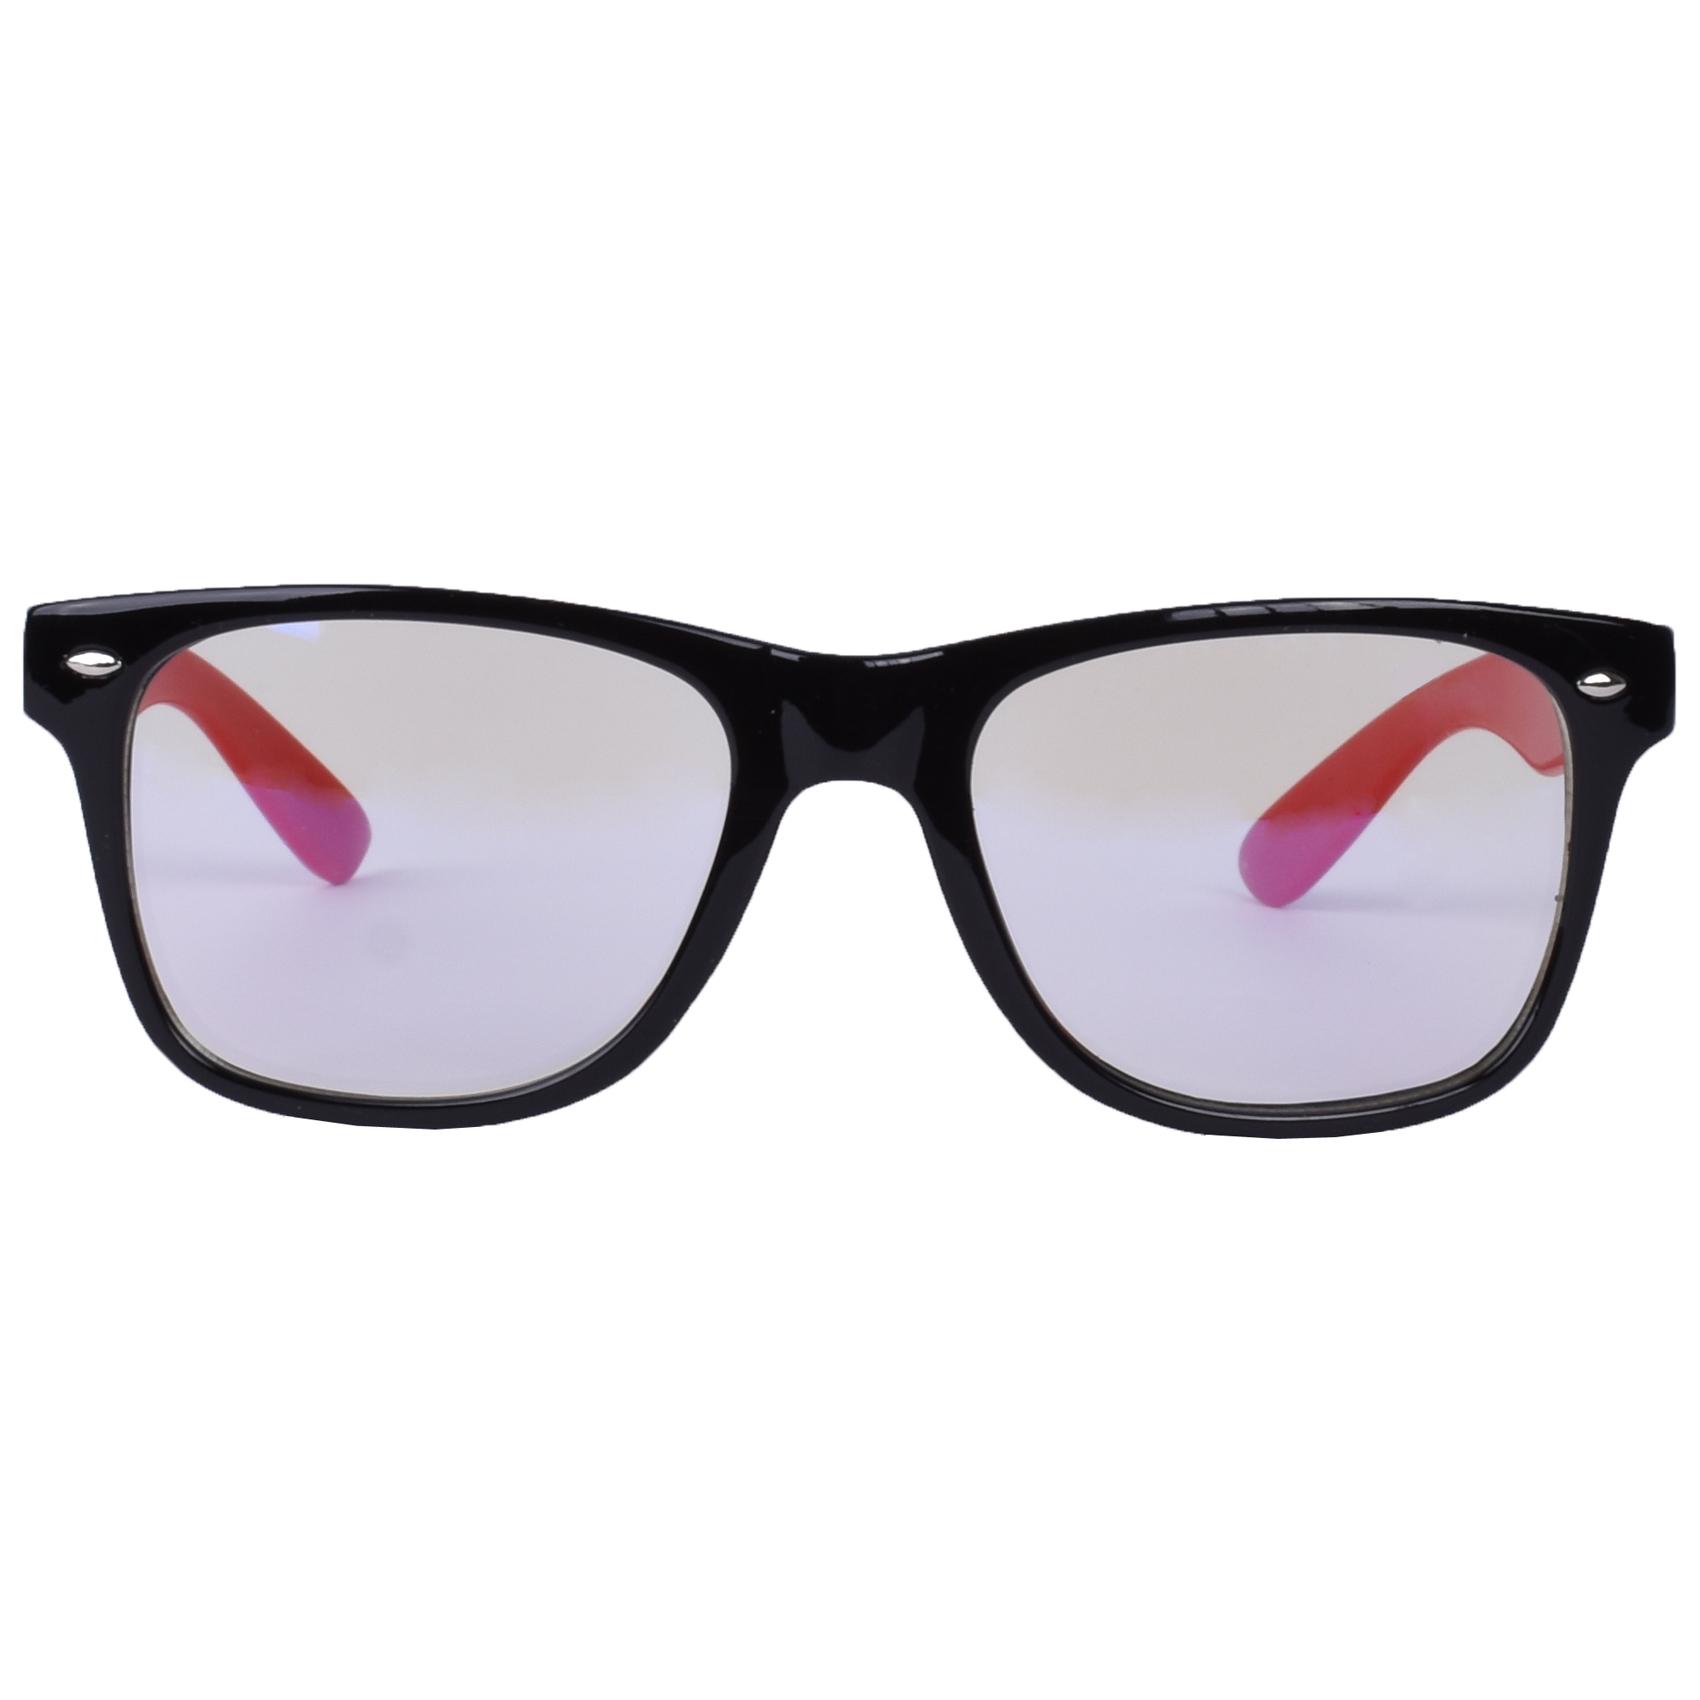 فریم عینک طبی مدل 2140BLRE